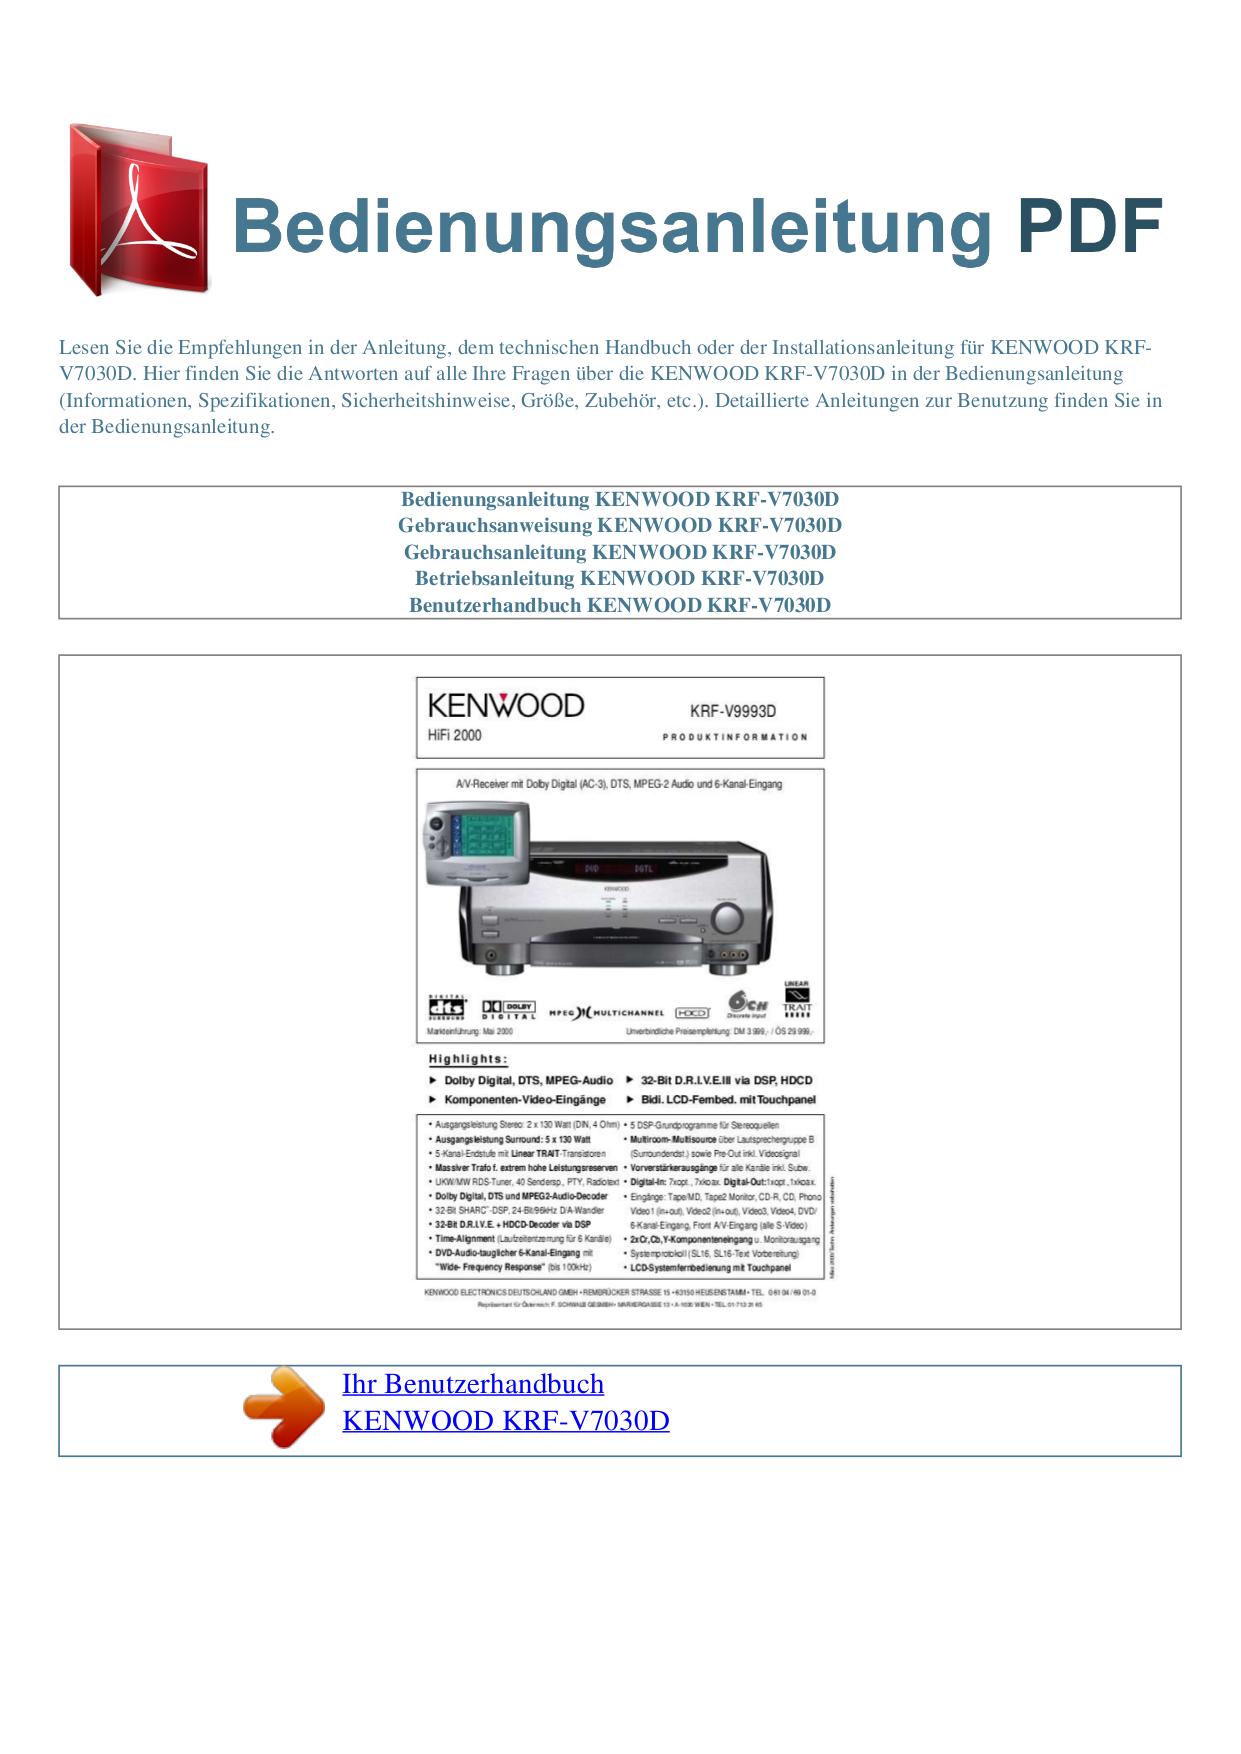 kenwood 5030d схема